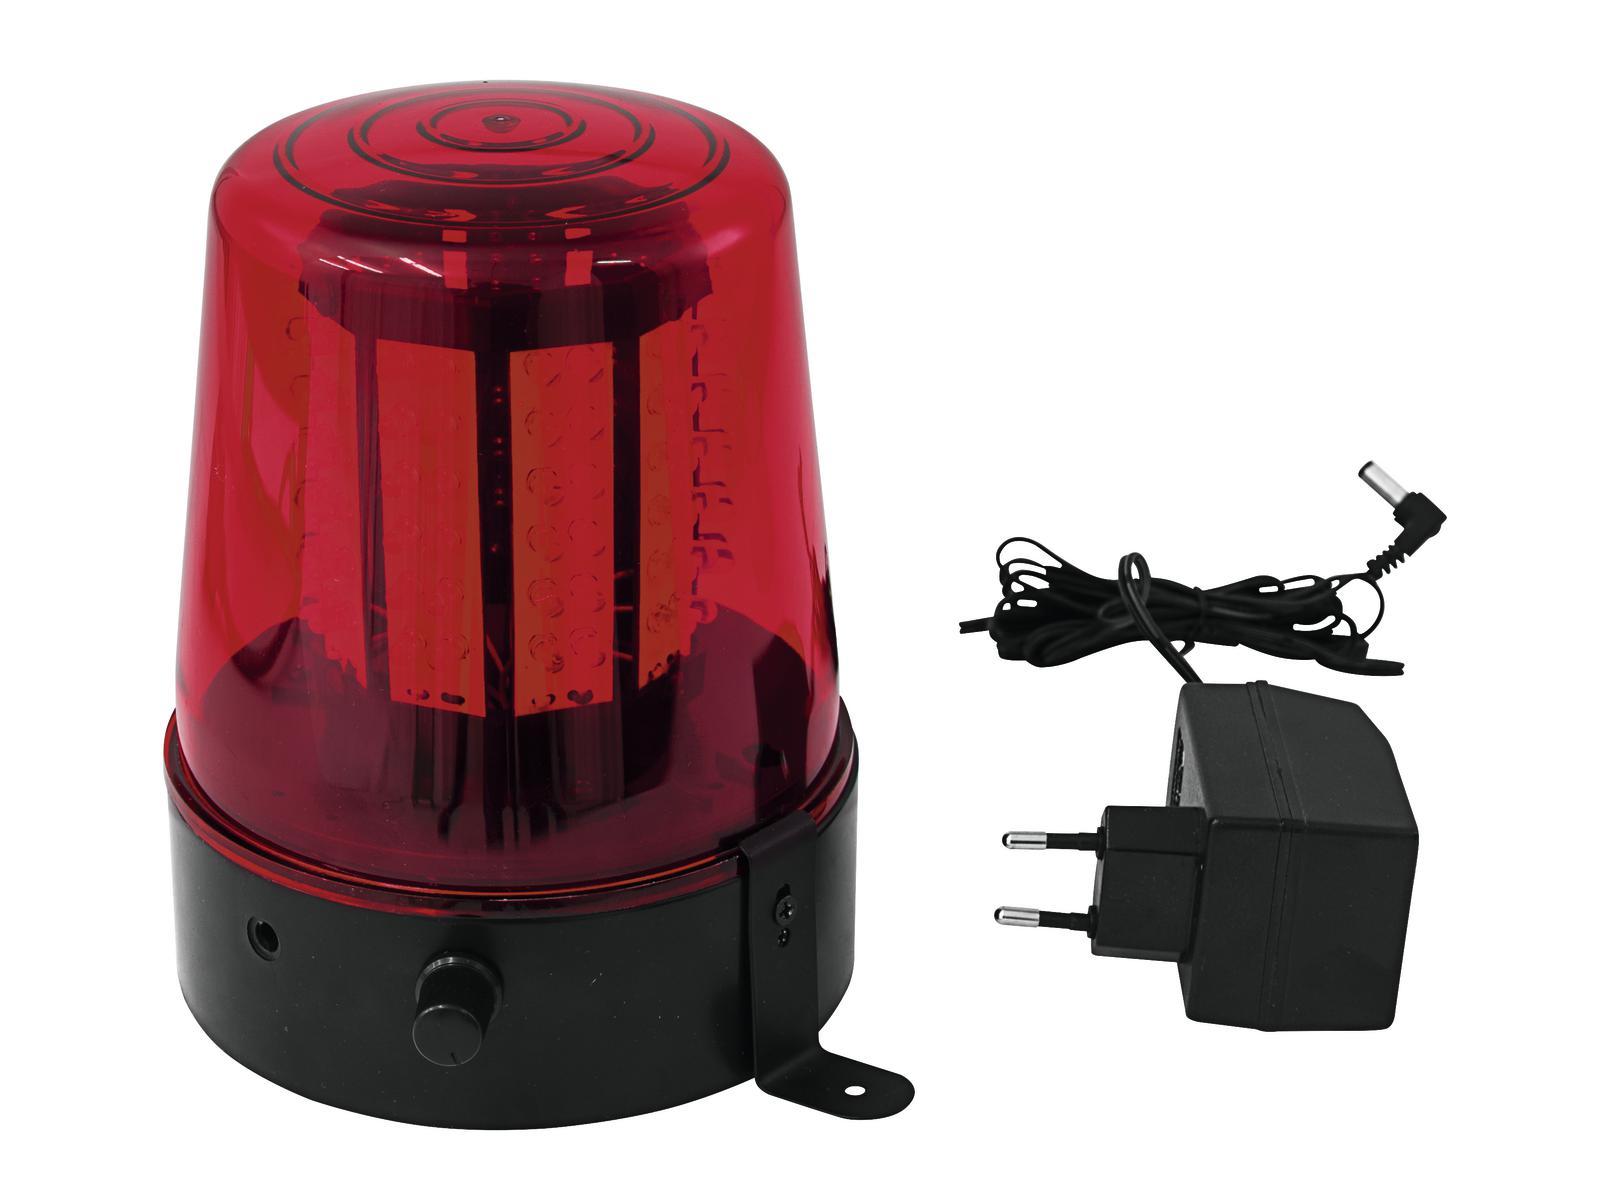 EUROLITE Lampeggiante Polizia 108 Led rosso Classico